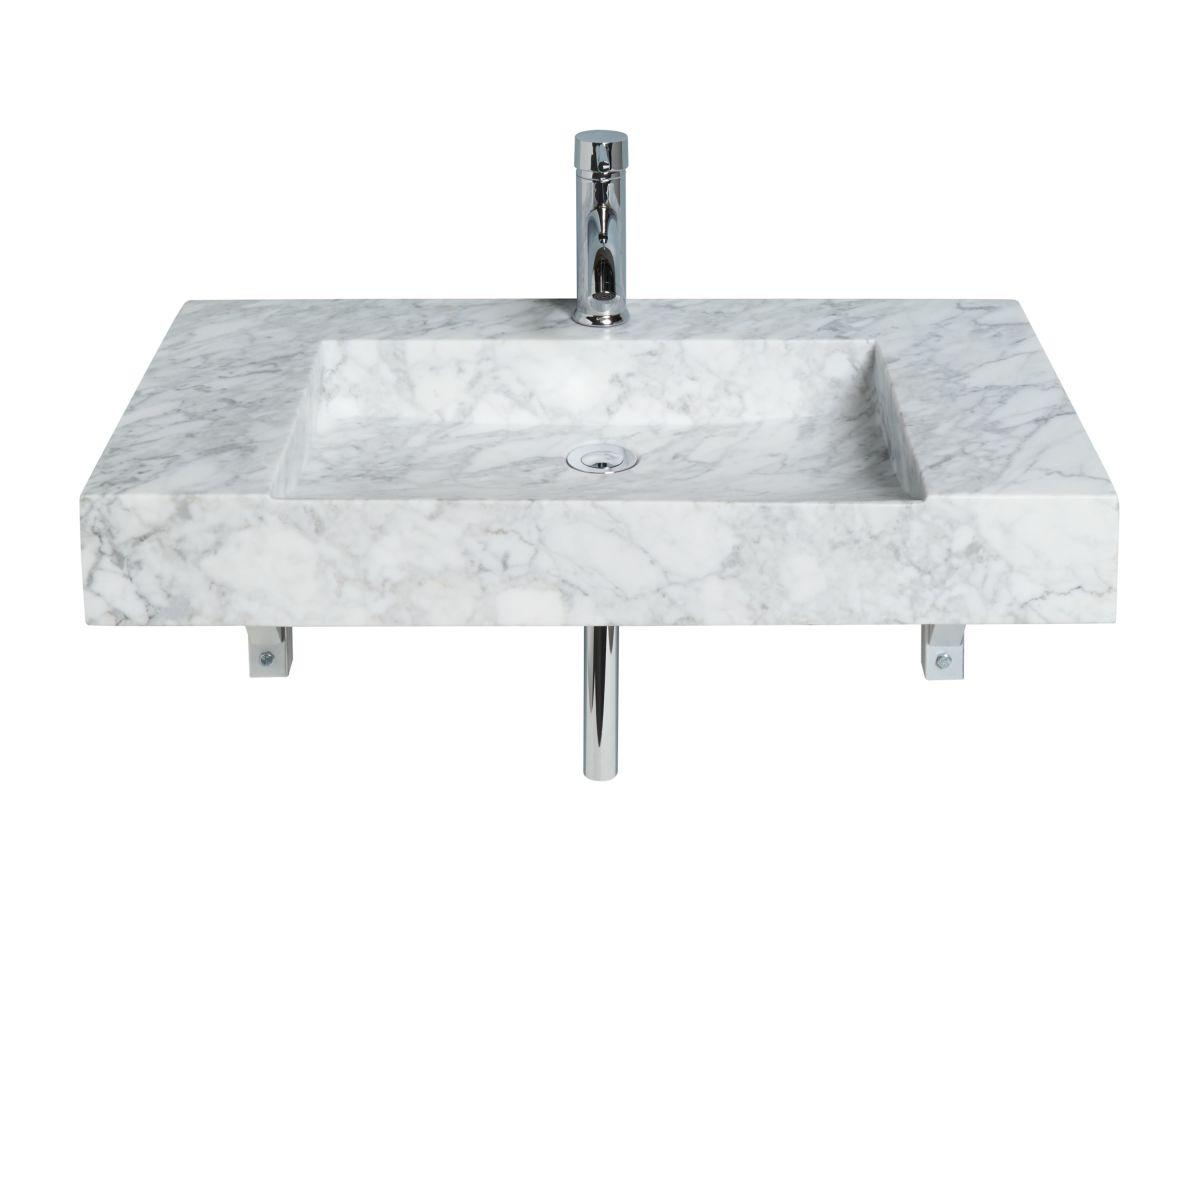 Waschtisch, Marmor, inklusive Wasserhahn und Ablaufgarnitur